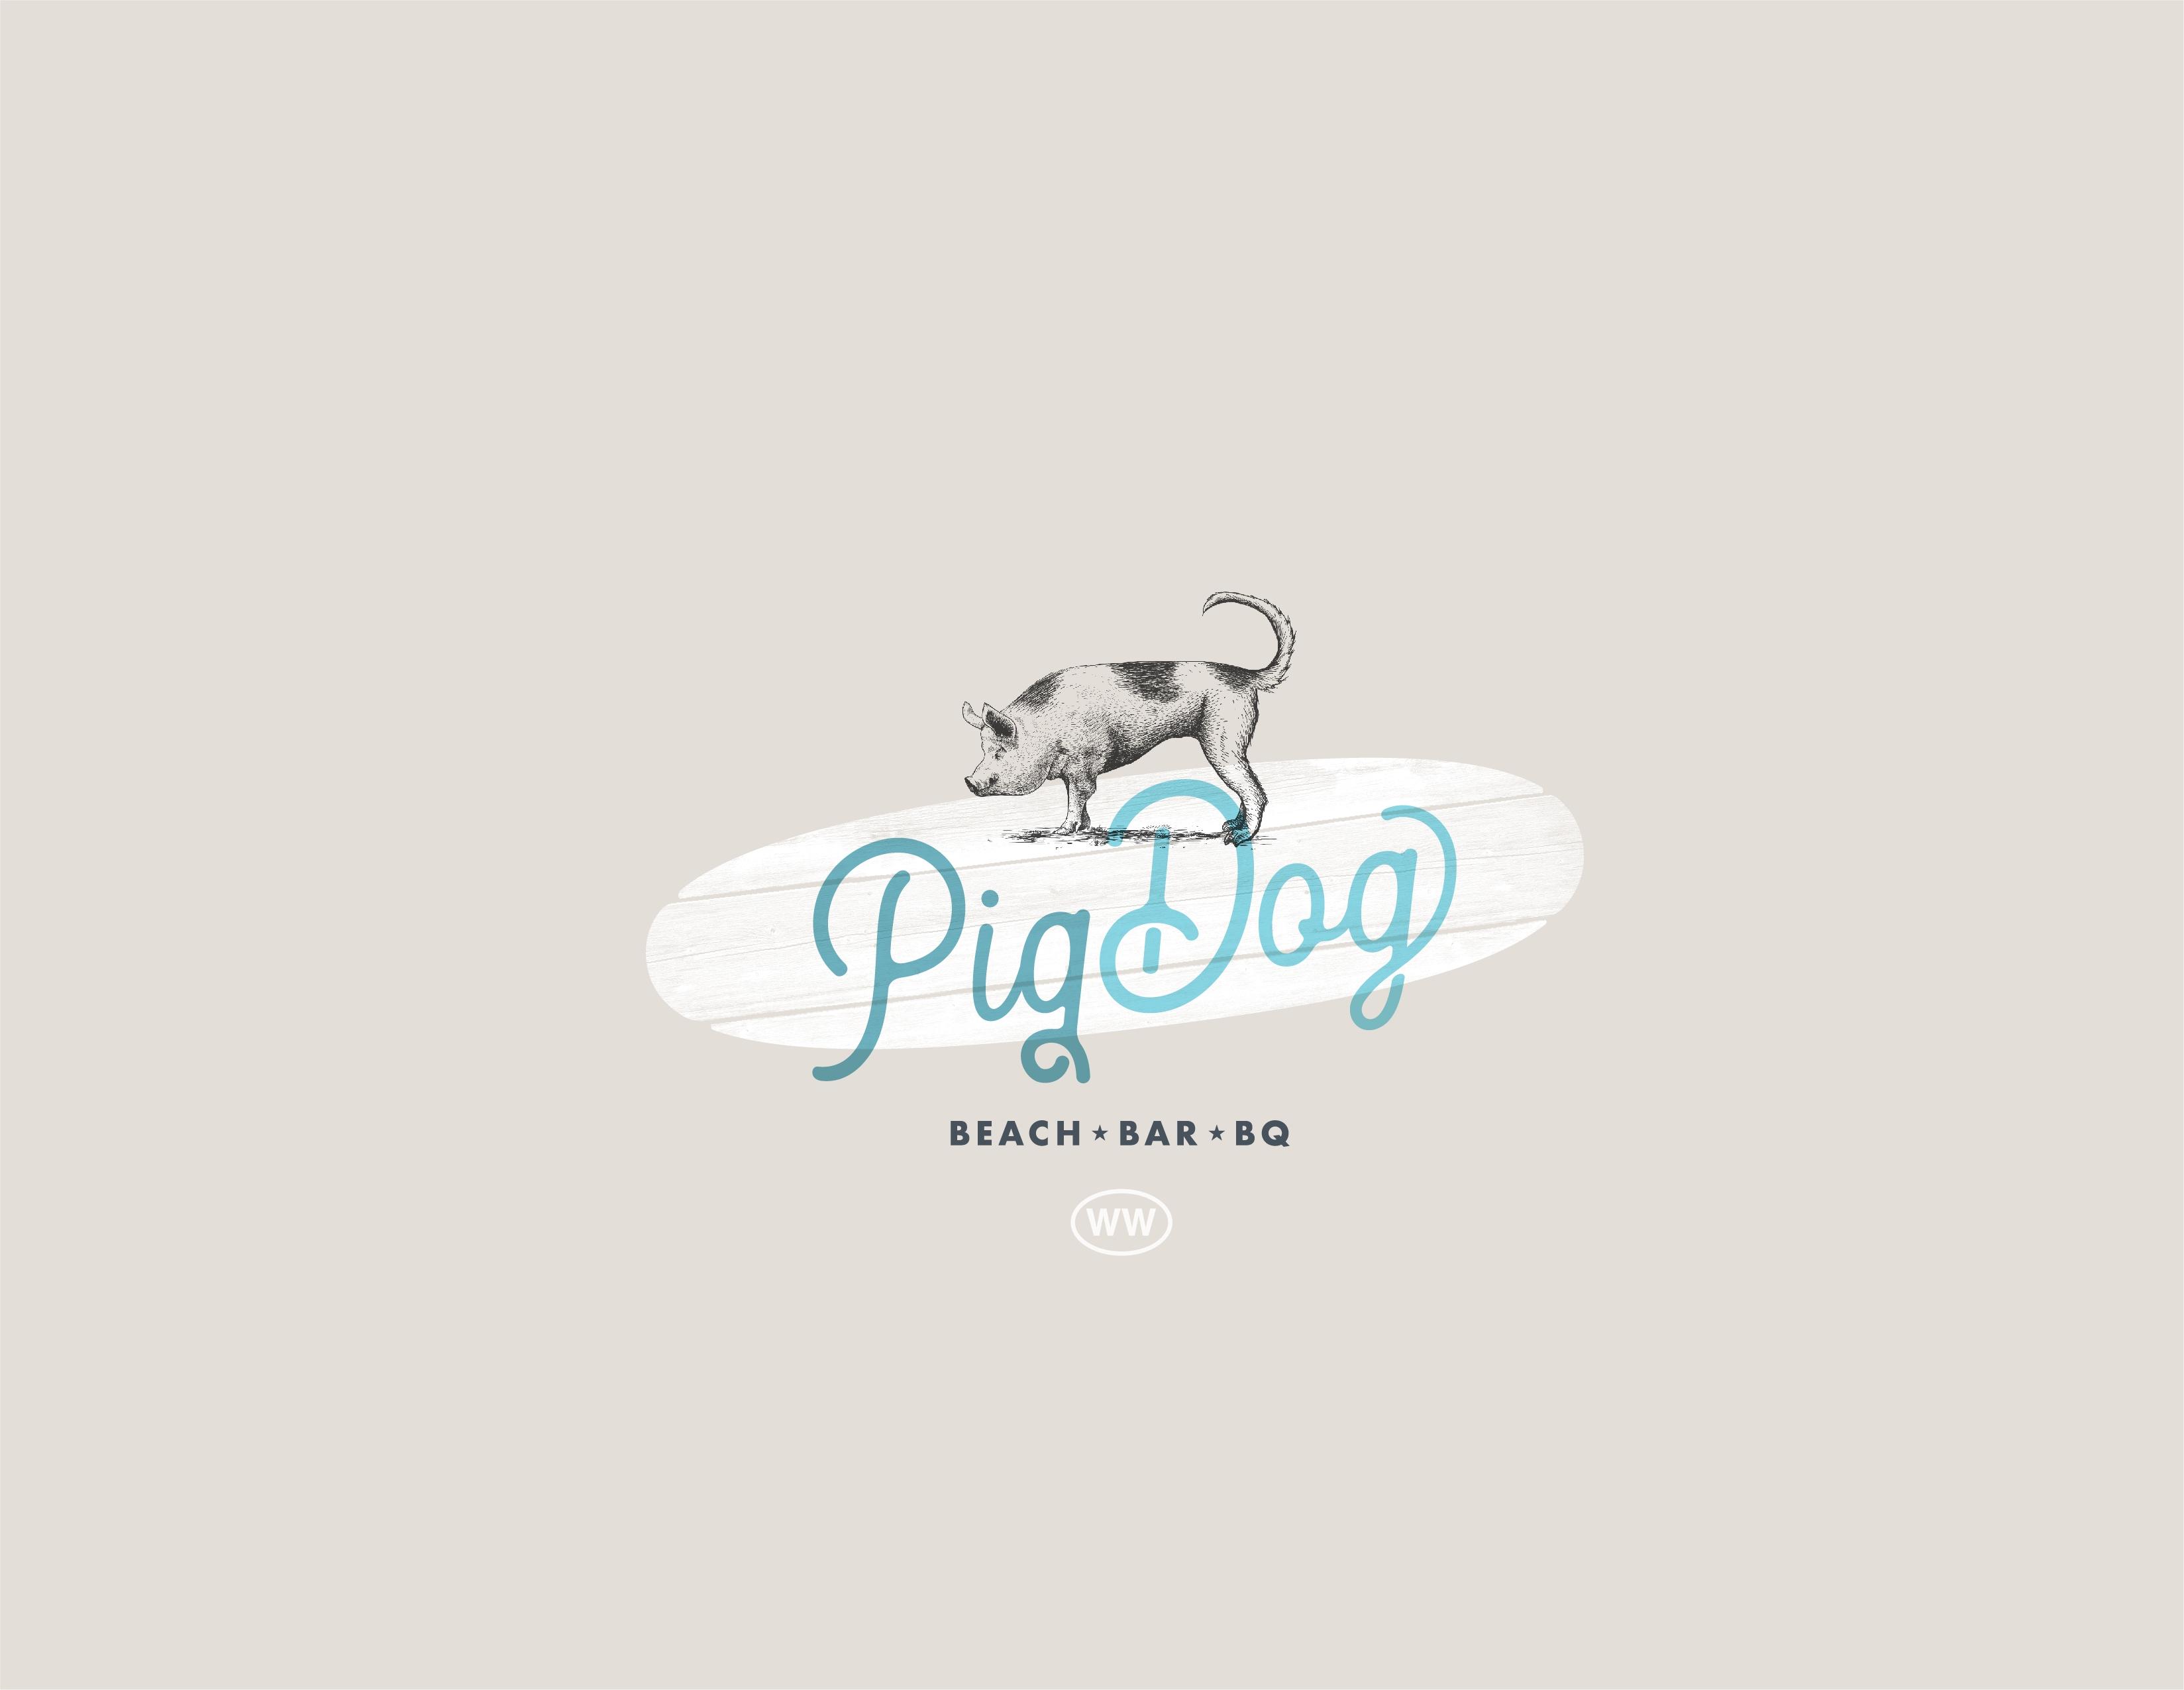 Pig Dog Logo